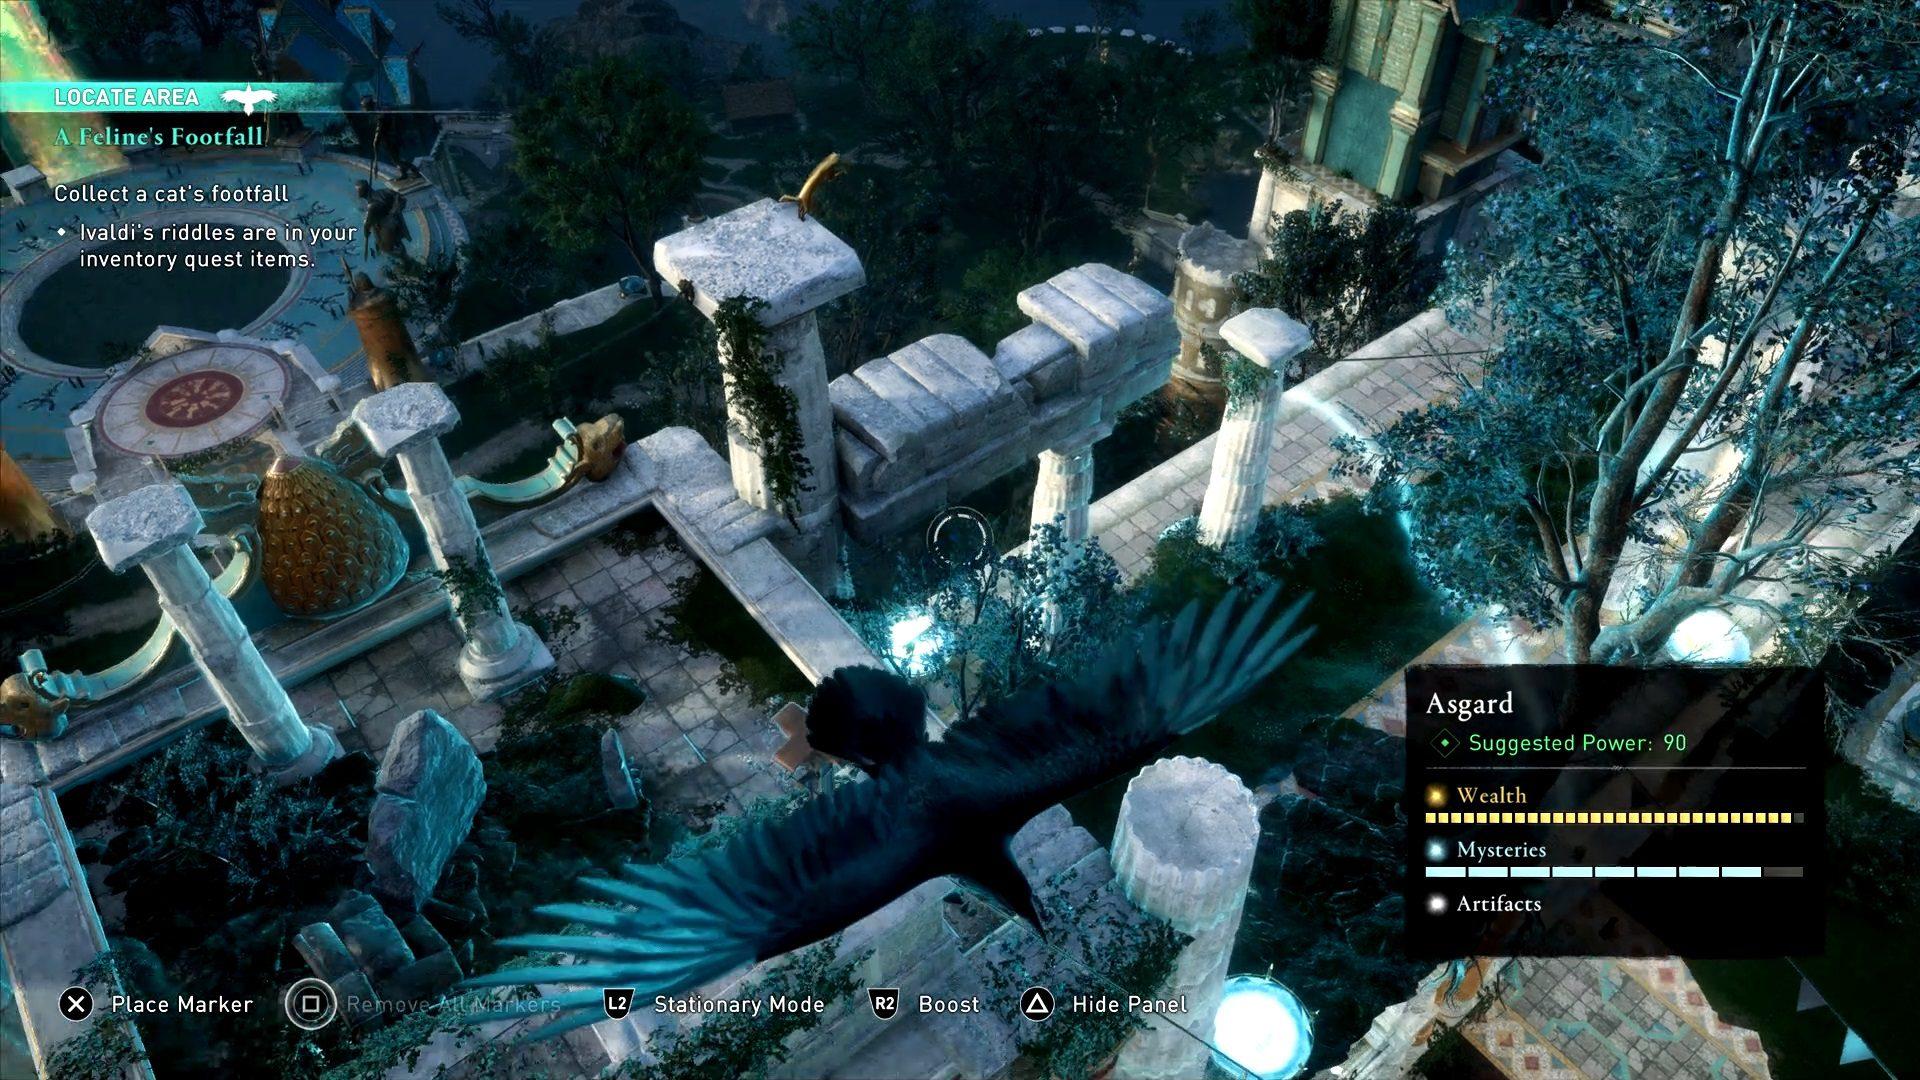 Assassin's Creed Valhalla Cat Footfall Location